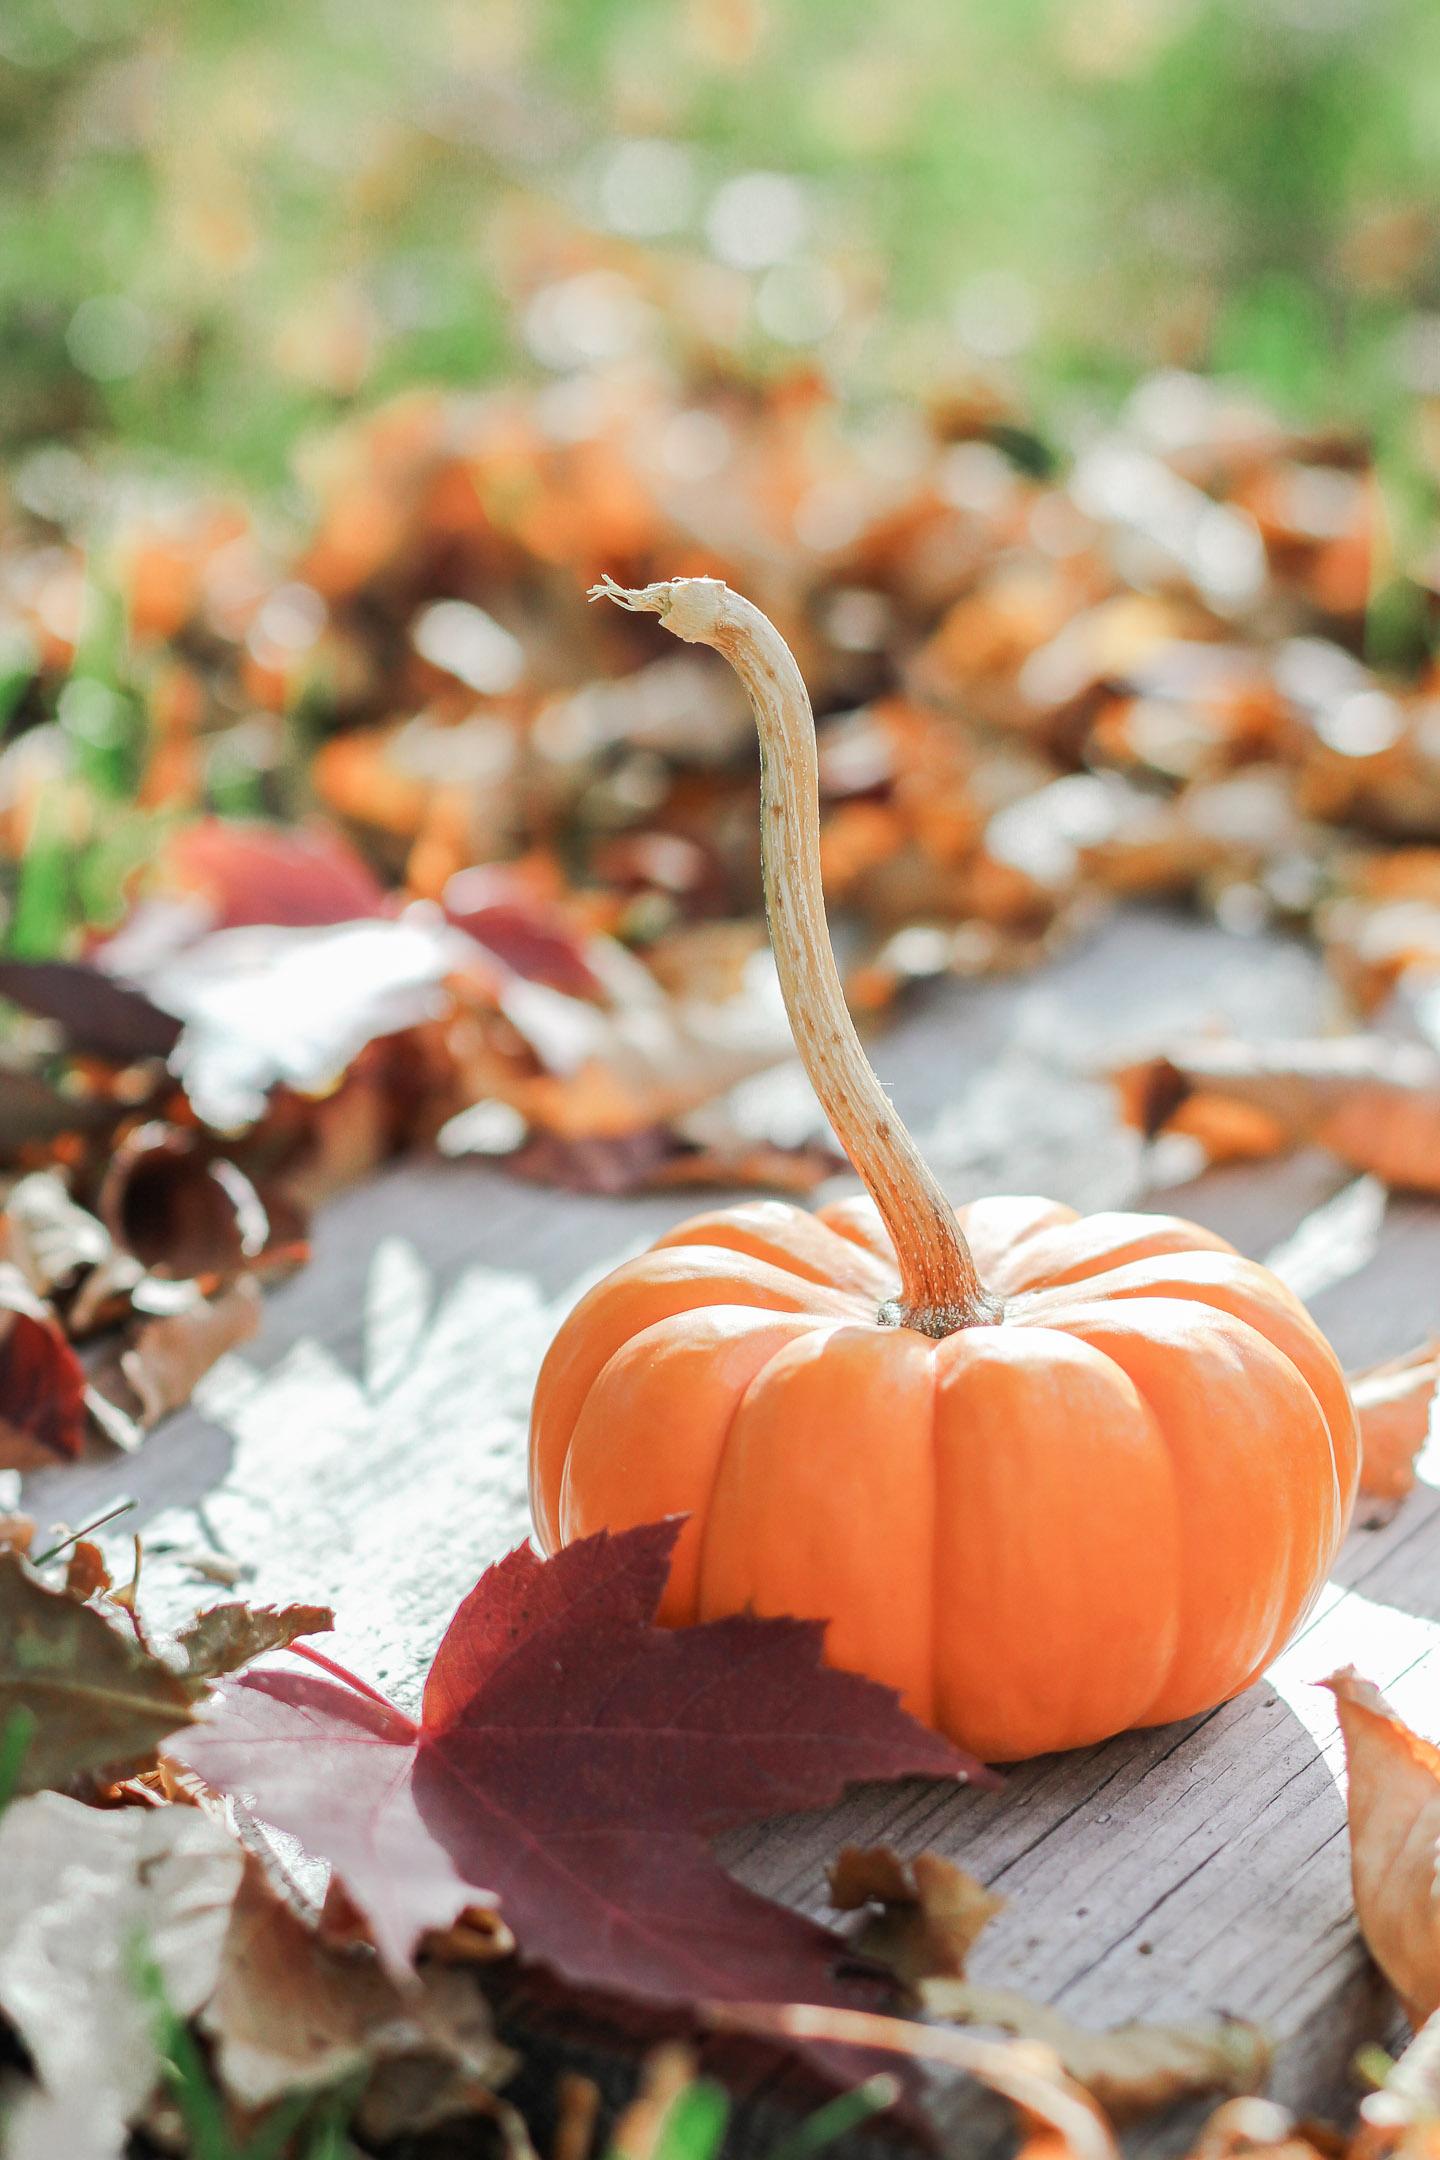 Little pumpkin with long stem.